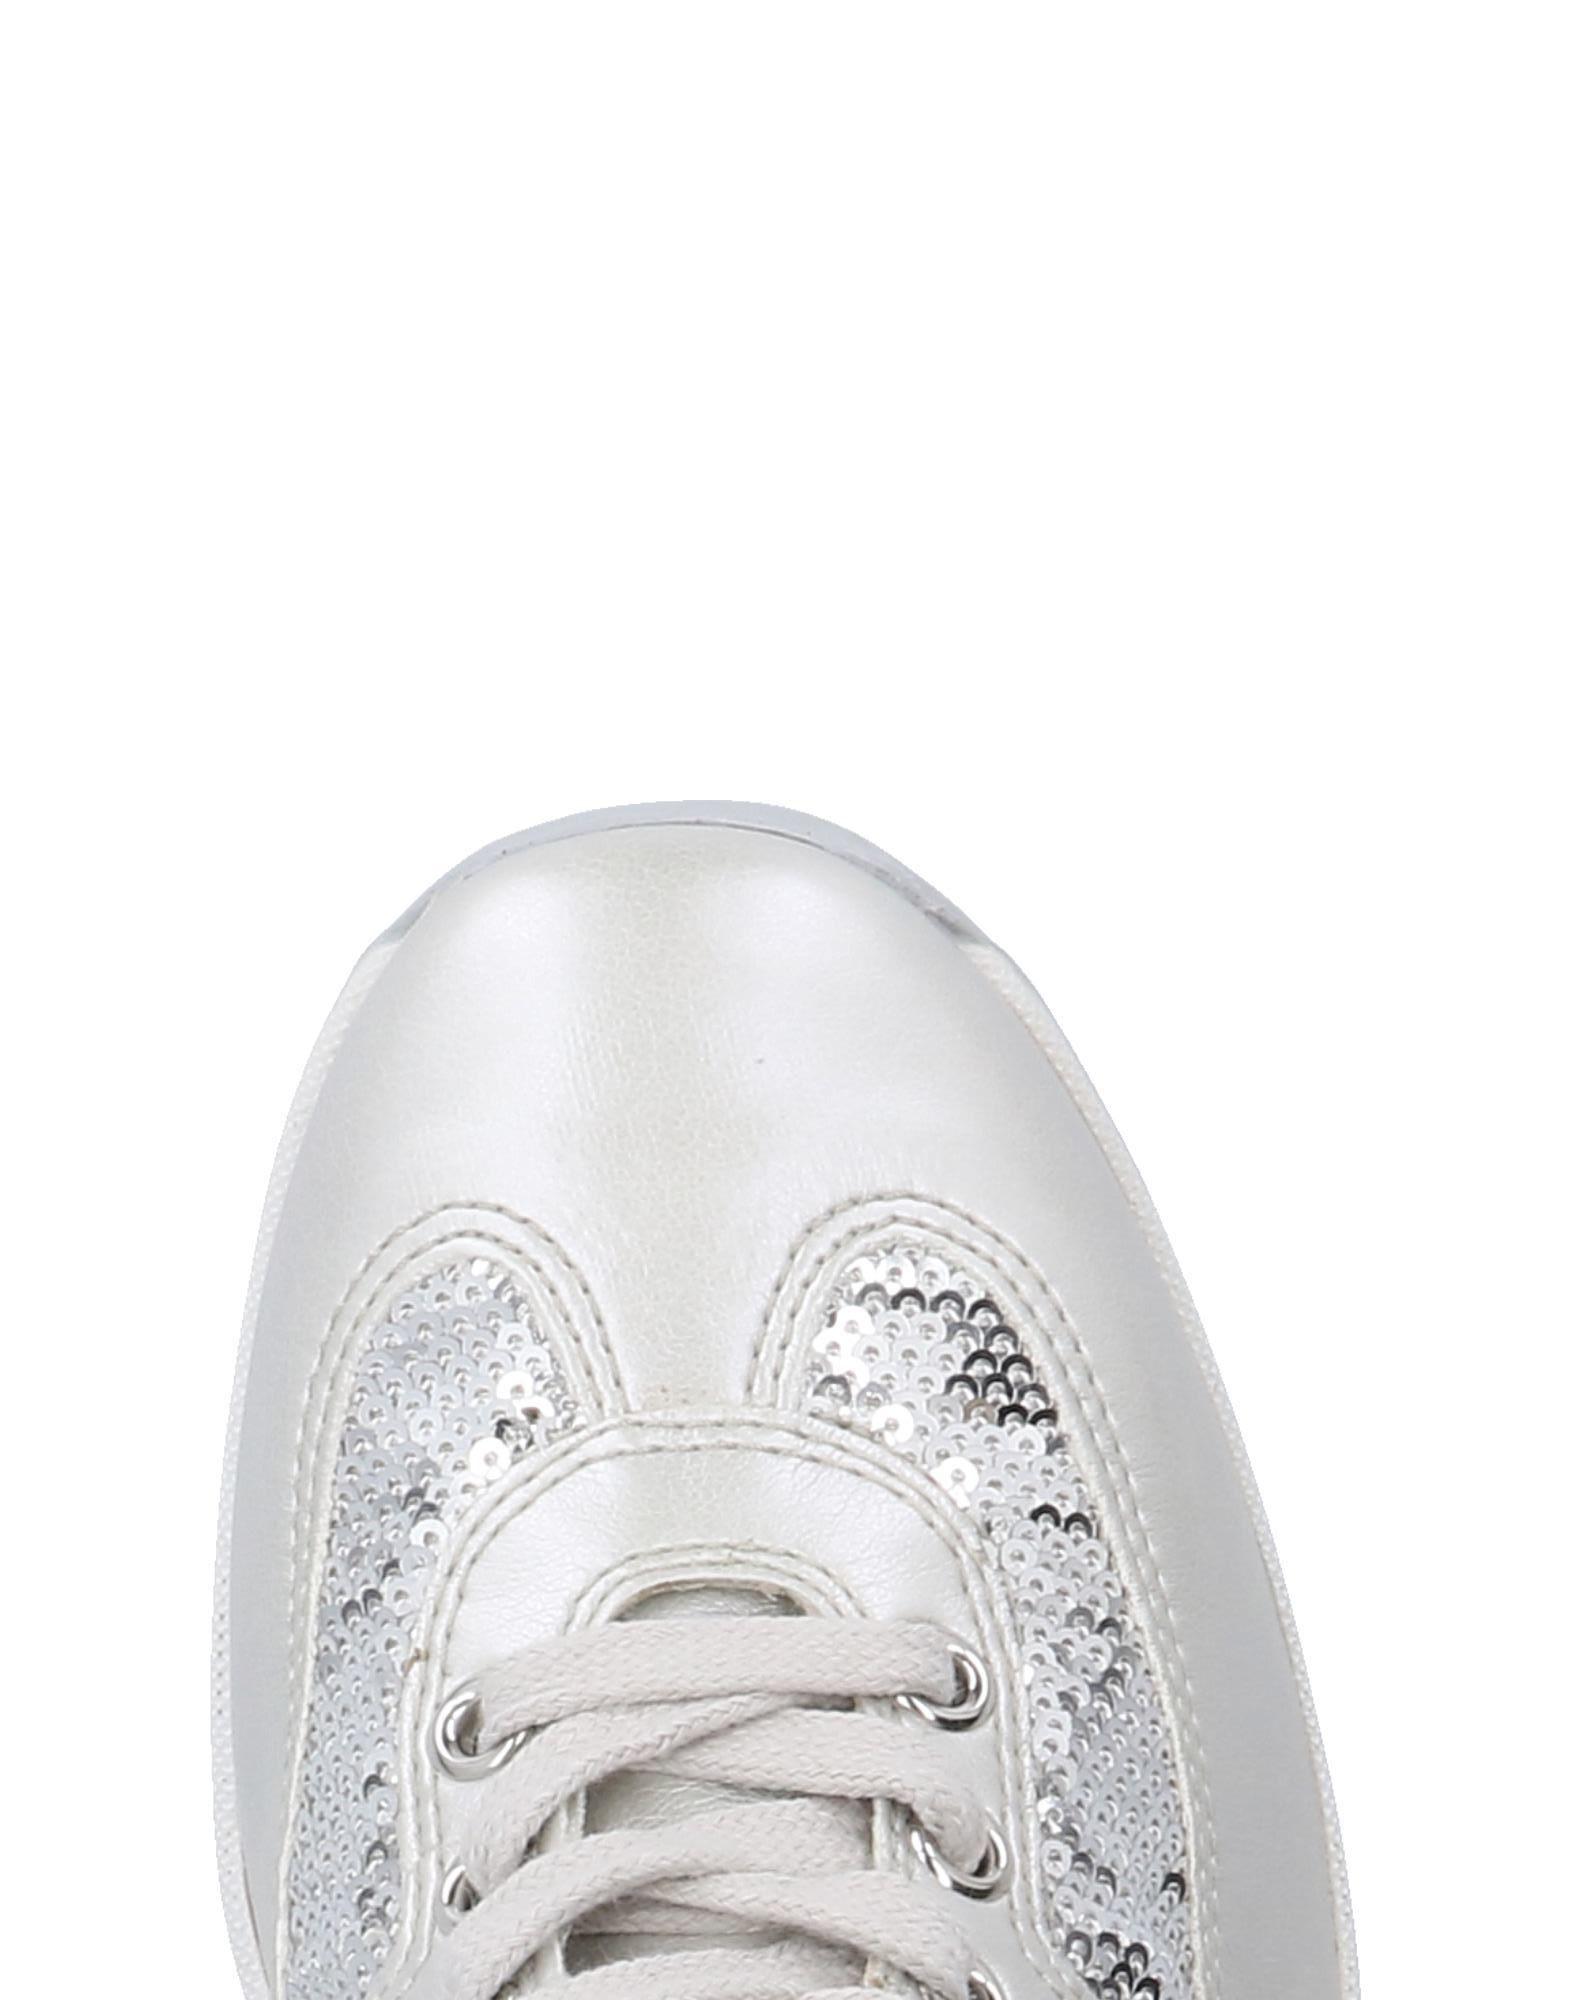 Agile By Rucoline  Sneakers Damen  11496199HW  Rucoline 2a0997